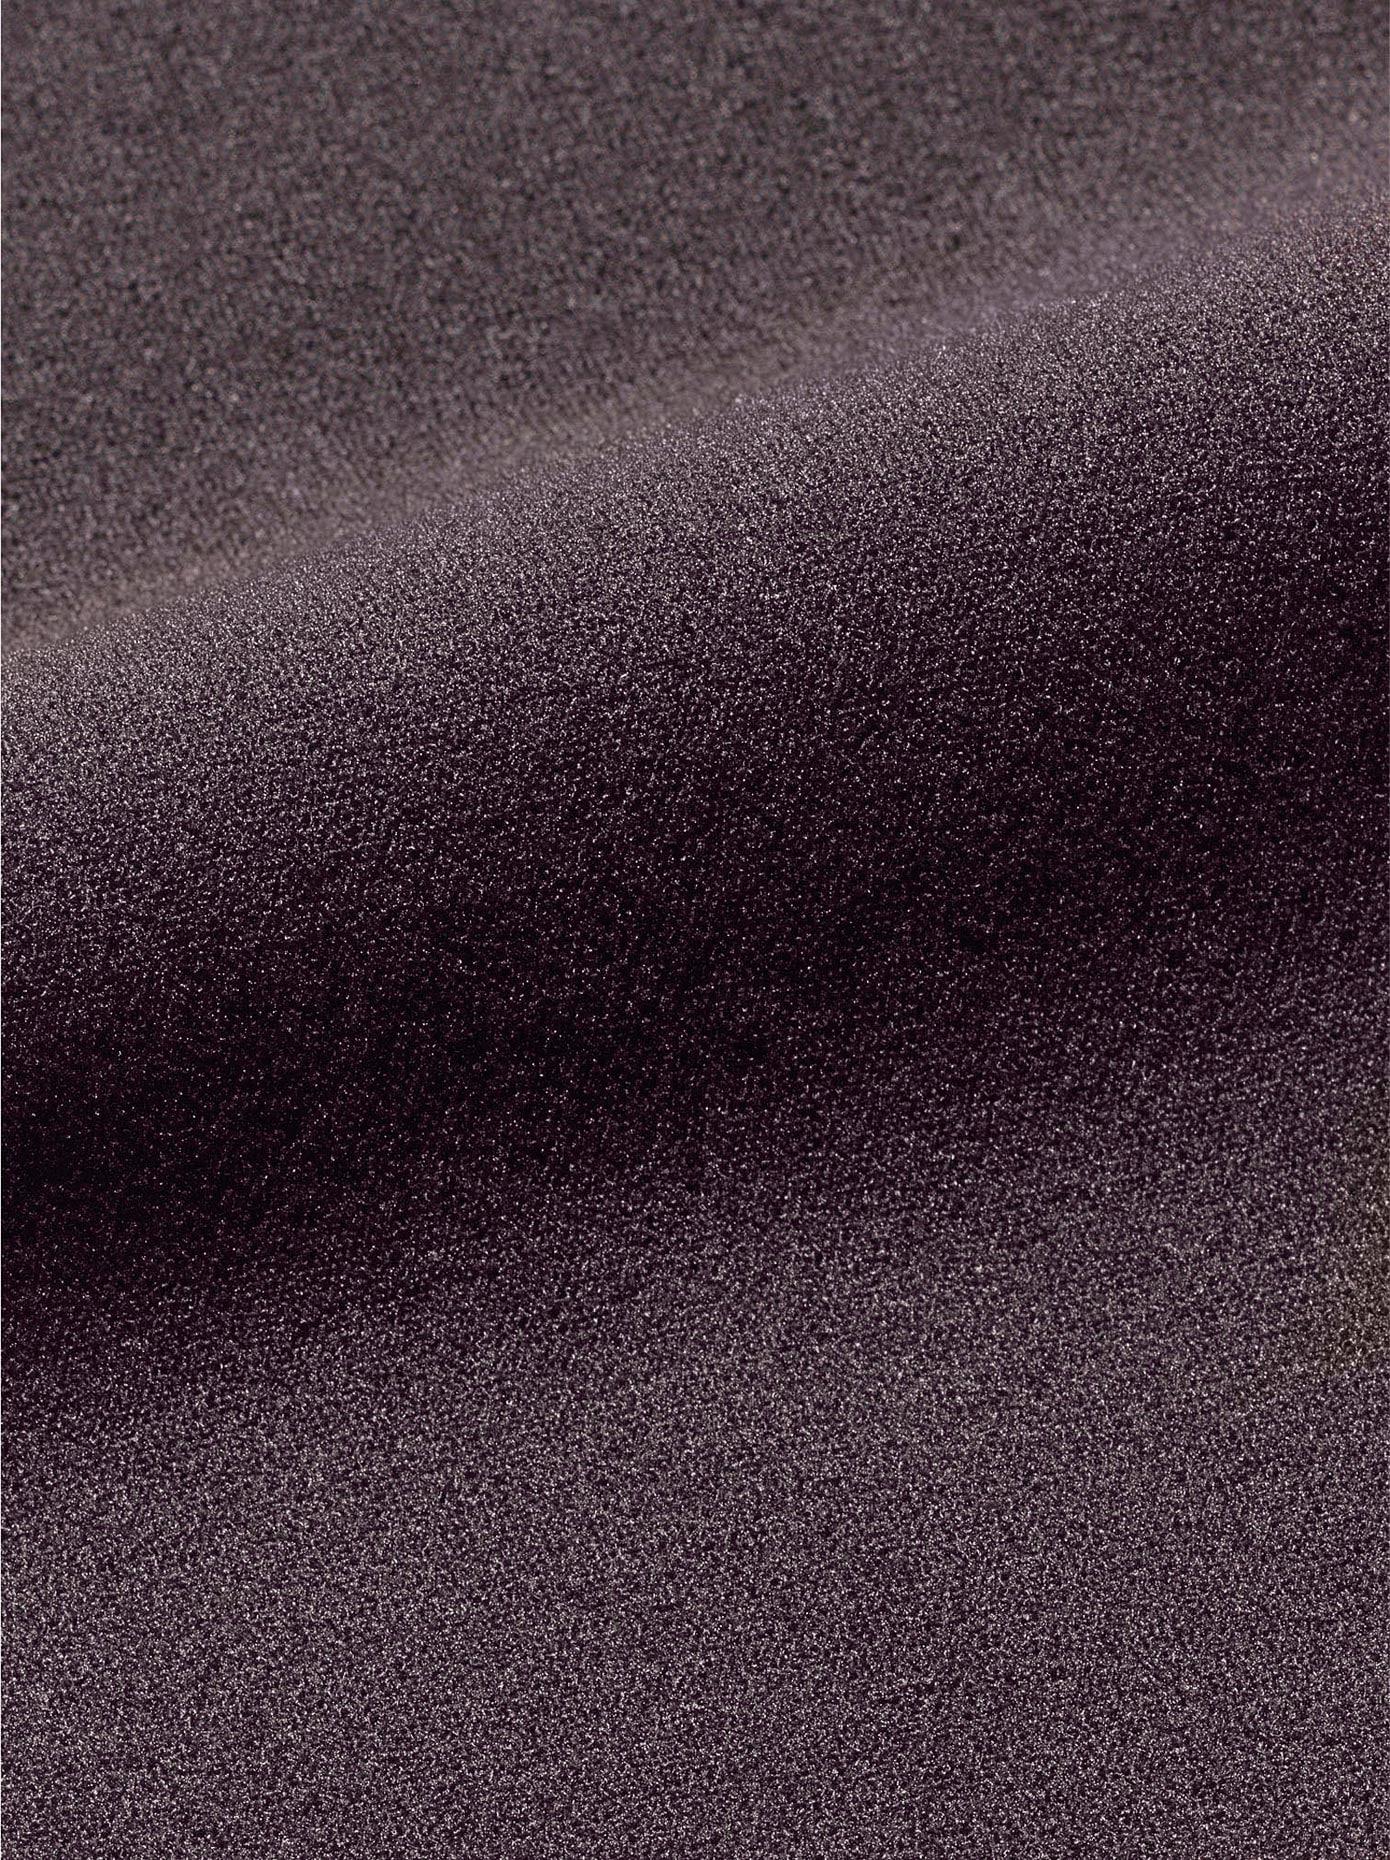 Strumpfhose Esda | Unterwäsche & Reizwäsche > Strumpfhosen > Strumpfhosen | Grau | Esda